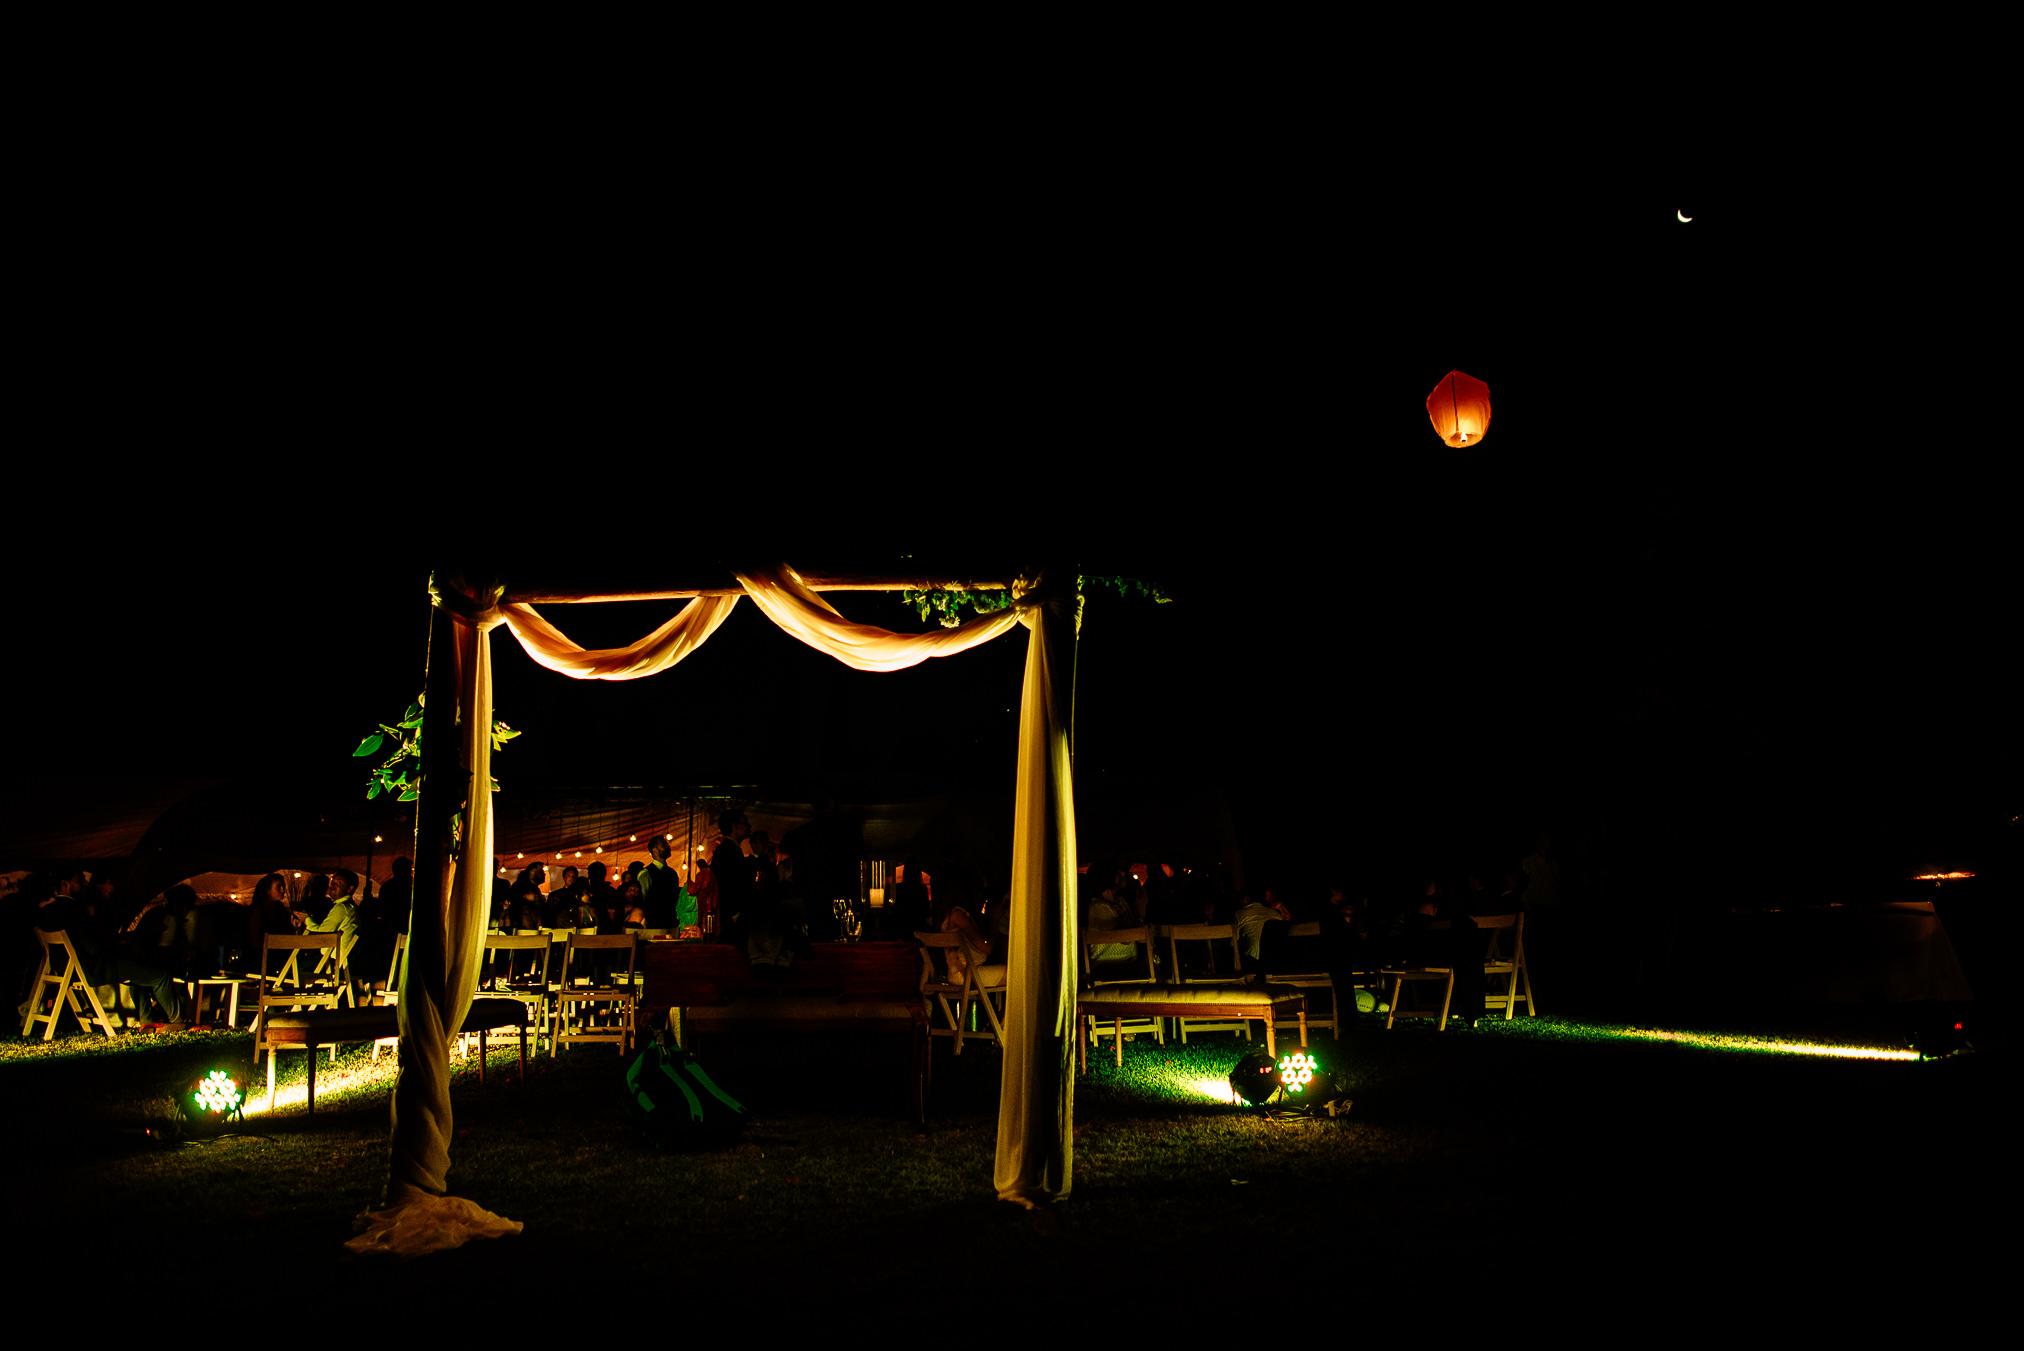 boda-rosario-arroyo-seco-argentina-casamiento-fotografo-wedding-34.jpg